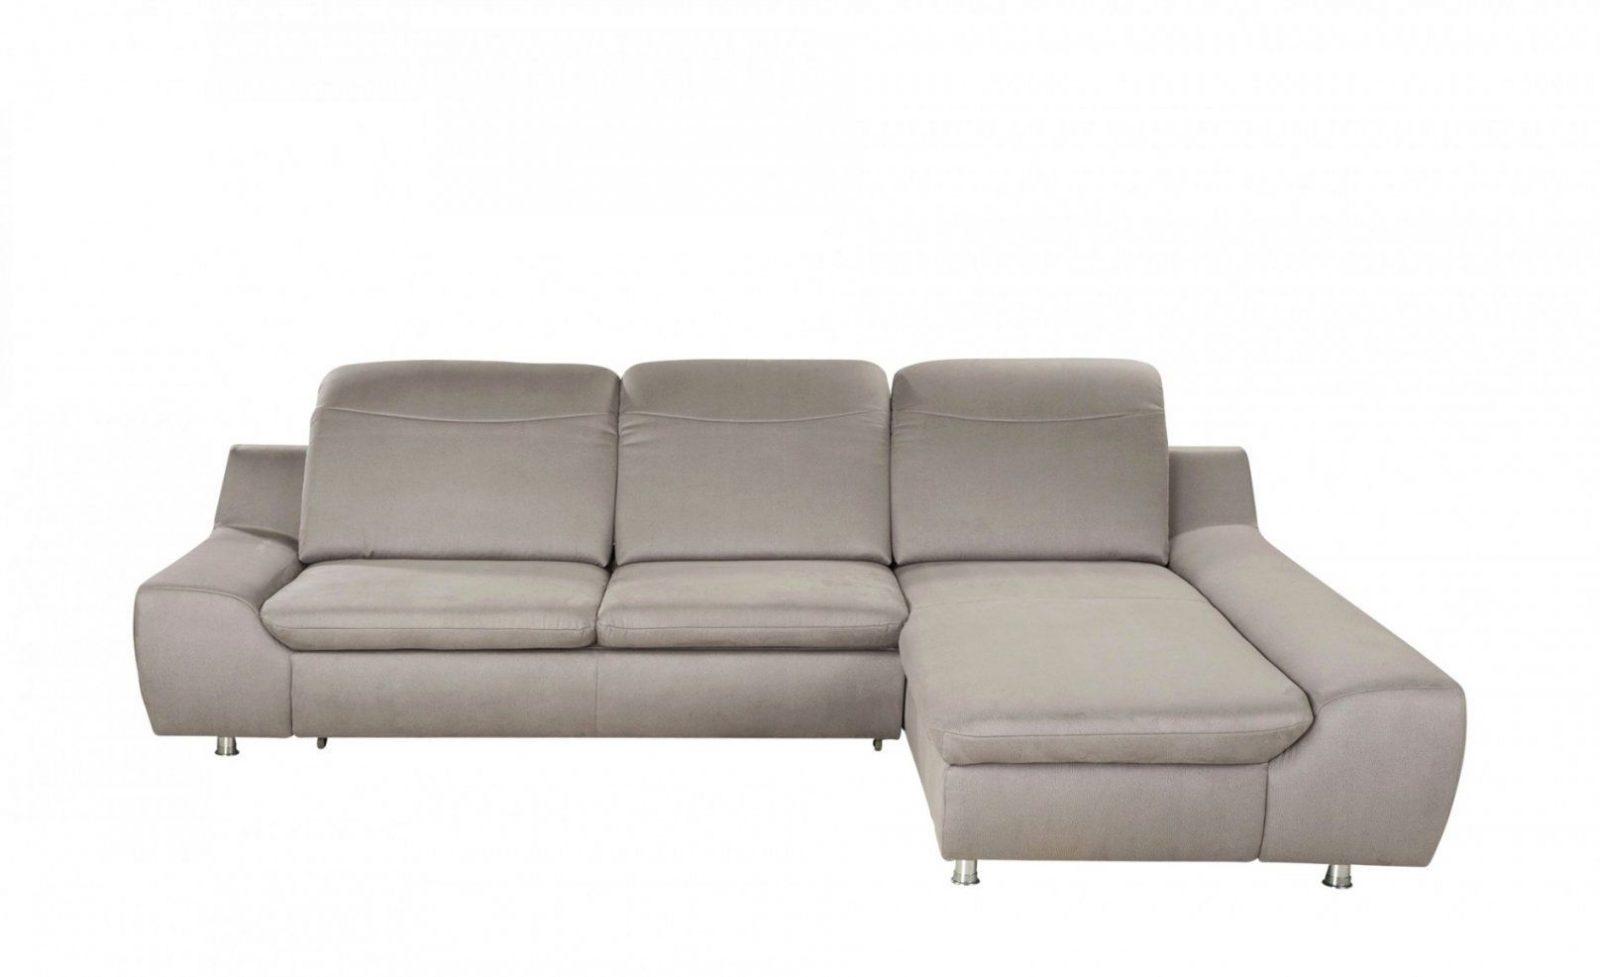 Neueste Ecksofas Eckcouch Günstig Line Kaufen Ikea Mit Ecksofa Mit von Kleine Polsterecke Mit Schlaffunktion Bild